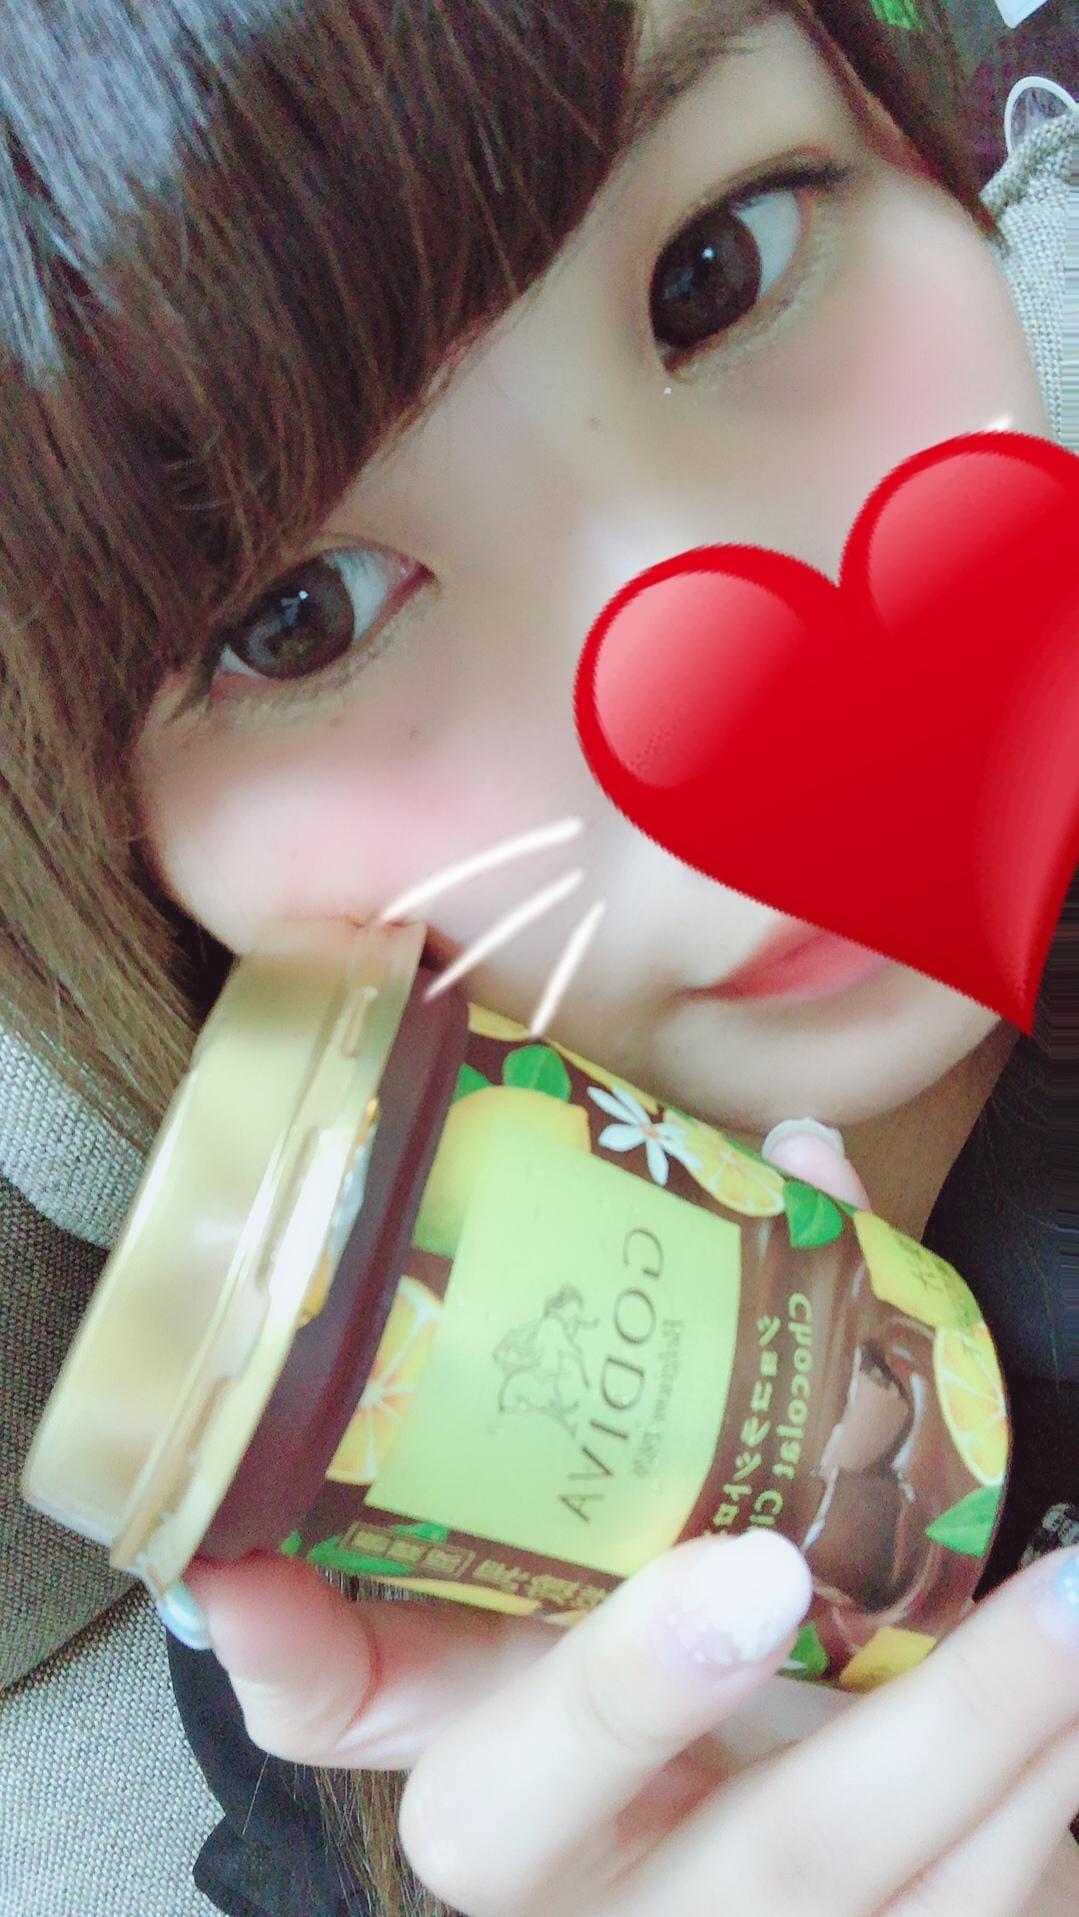 「ねむむねむ〜〜」07/14(土) 03:51 | ちゃむの写メ・風俗動画